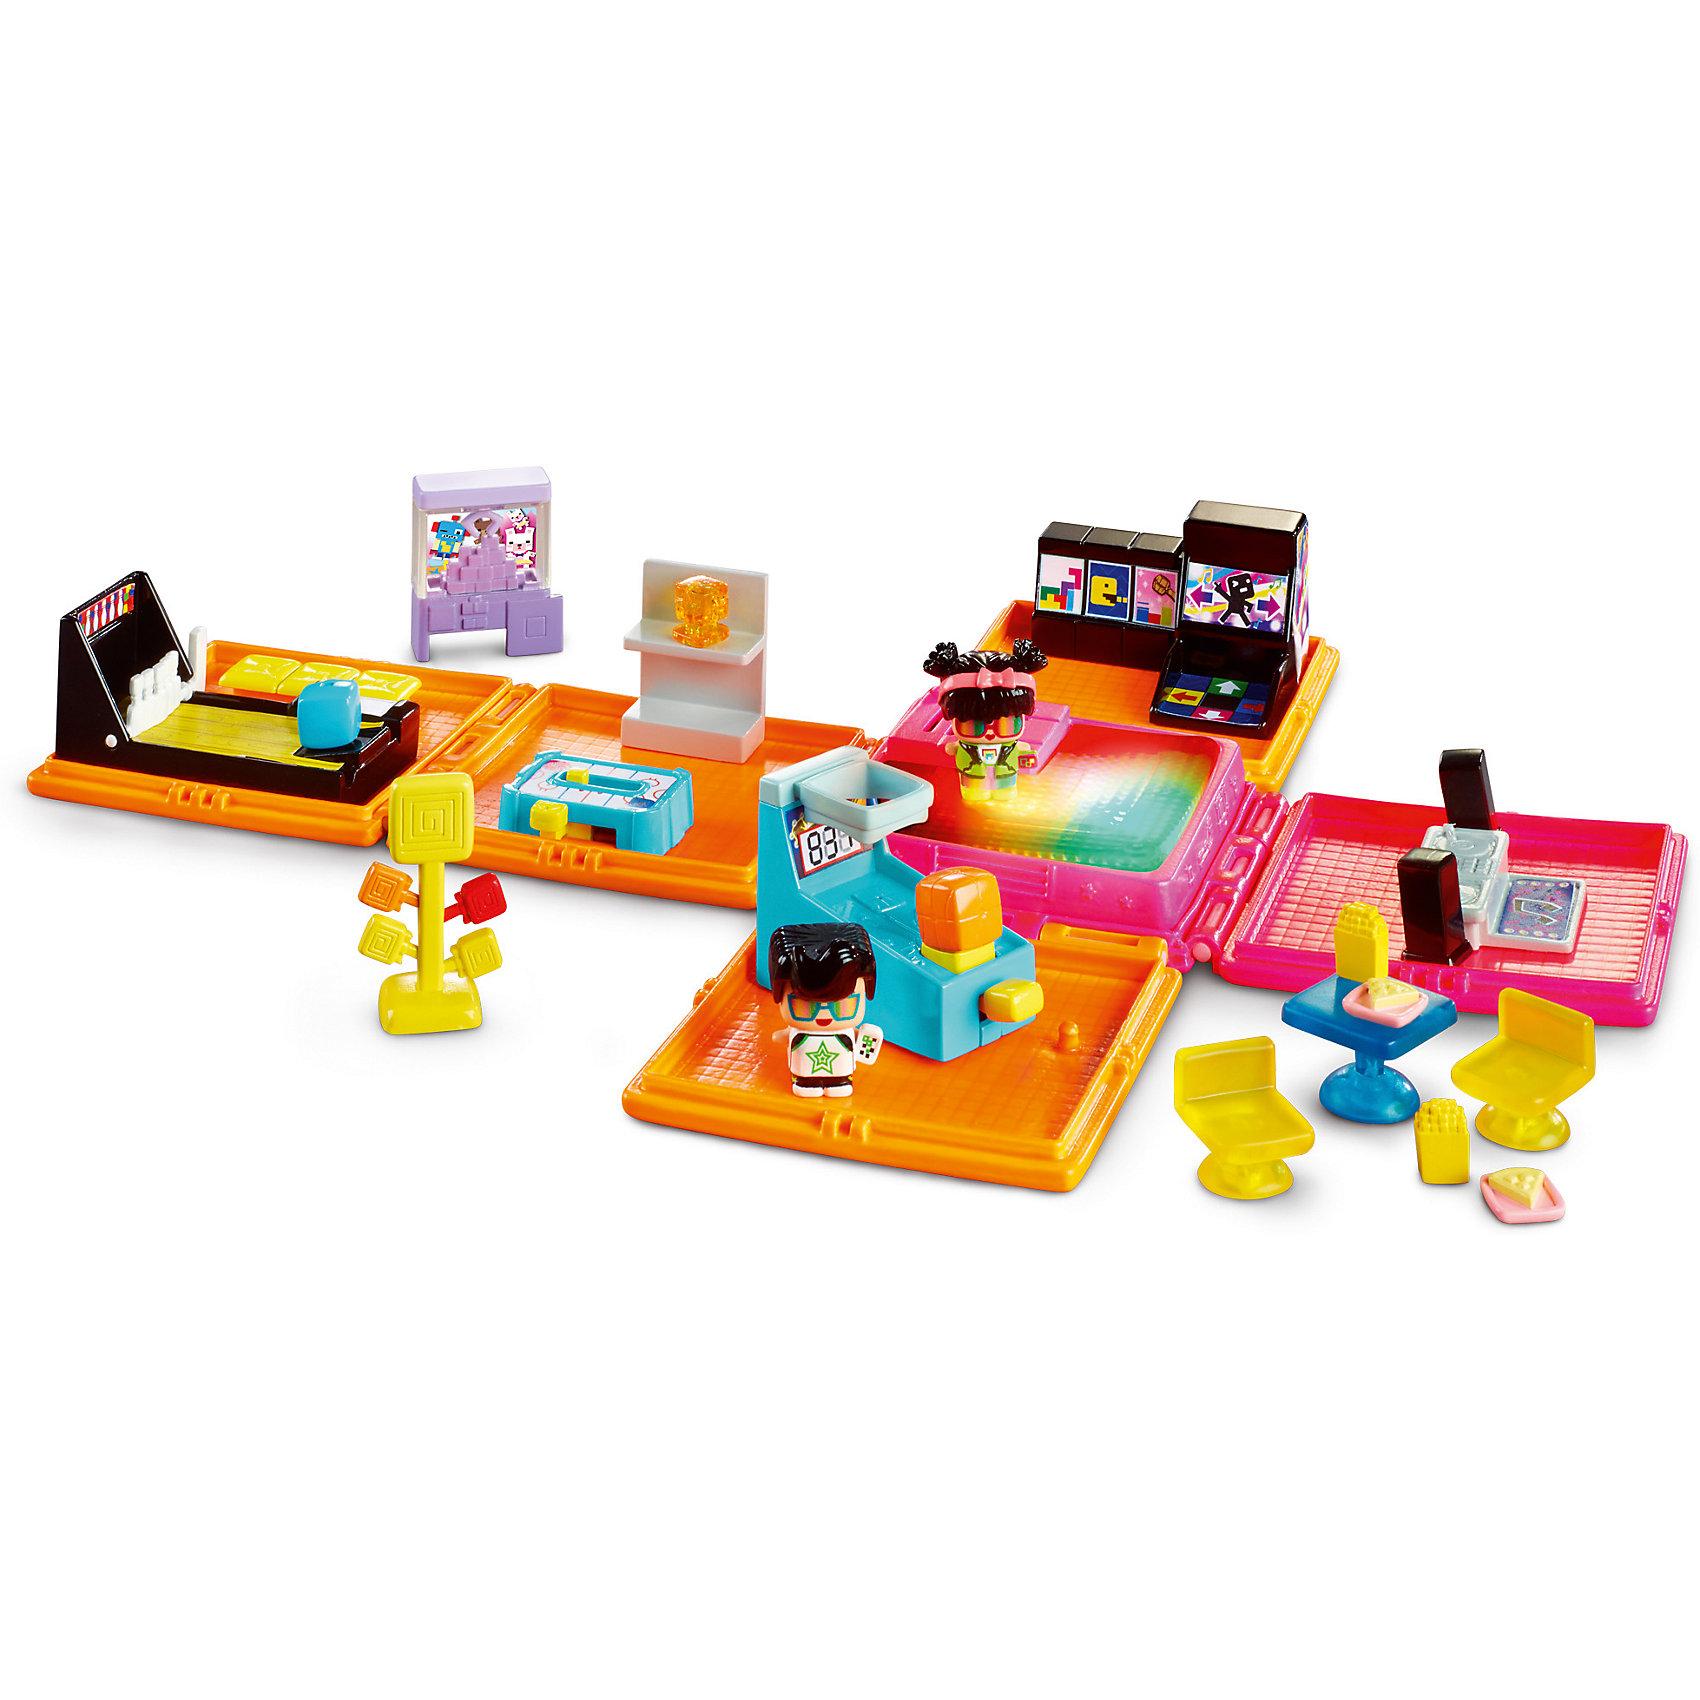 Зал игровых автоматов, My Mini MixieQ'sЛюбимые герои<br>Зал игровых автоматов, My Mini MixieQ's (Май Мини МиксиКьюс) станет отличным подарком как для любителей серии, так для тех, кто еще не знаком  с этими милыми маленькими фигурками. Все фигурки и части складываются в кубик, а для игры кубик раскладывается и превращается в полноценную неоновую аркаду! Разные залы позволят маленькому девочке и мальчику играть в аэрохоккей, танцевальную революцию, пакмена, боулинг, баскетбол или перекусить за маленьким столиком. Танцпол посередине светится и при нажатии будет играть мелодию диджея, звуки боулинга, аэрохоккея или игровых автоматов. Также в комплект входит таинственная фигурка. У всех фигурок снимается и меняется одежда и прическа. Этот набор отлично сочетается с любыми другими наборами My Mini MixieQ's (Май мини миксикьюс). Превосходное качество и отличная детализация набора поможет придумать множество игр и развить воображение.<br>Дополнительная информация:<br>- В набор входит: складной кубик, 3 подвижных детали, набор аксессуаров, 3 фигурки<br>- Материал: пластик <br>- Размер коробки: 22 * 33 * 29 см.<br>- Элементы питания: в комплекте <br><br>Зал игровых автоматов, My Mini MixieQ's (Май Мини МиксиКьюс), можно купить в нашем магазине.<br><br>Ширина мм: 50<br>Глубина мм: 305<br>Высота мм: 305<br>Вес г: 393<br>Возраст от месяцев: 48<br>Возраст до месяцев: 120<br>Пол: Женский<br>Возраст: Детский<br>SKU: 5032902